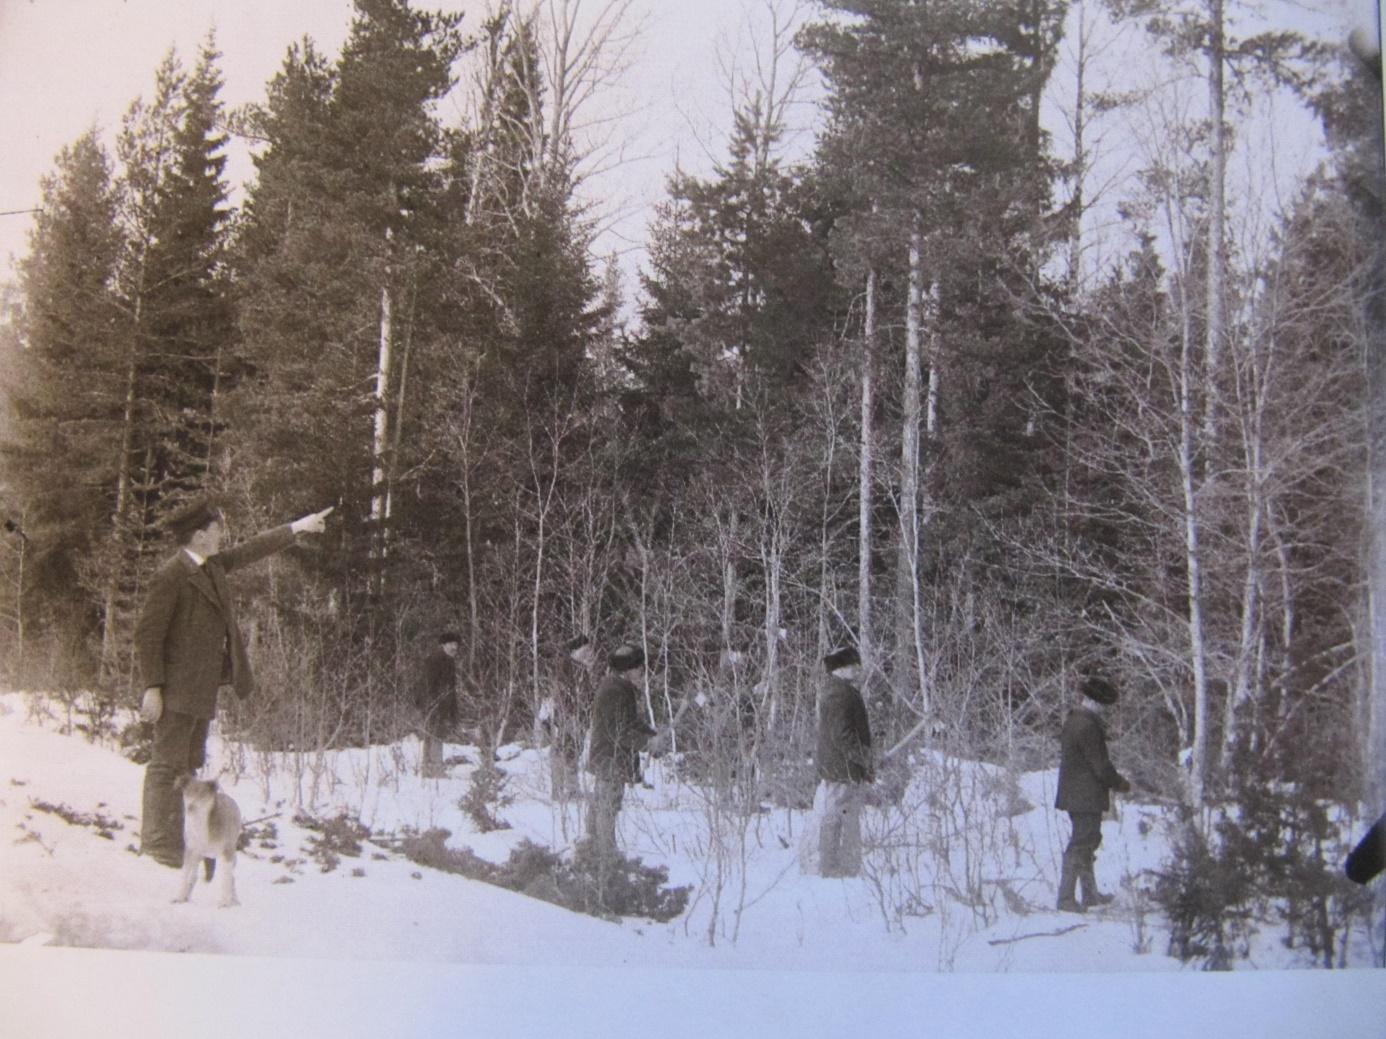 Skogsinstruktören Wikman visar kursdeltagarna på Byåsen år 1912 hur gallringar skall göras. Det var ju denne Wikman som värderade skogarna, som skulle skiftas i storskiftet.